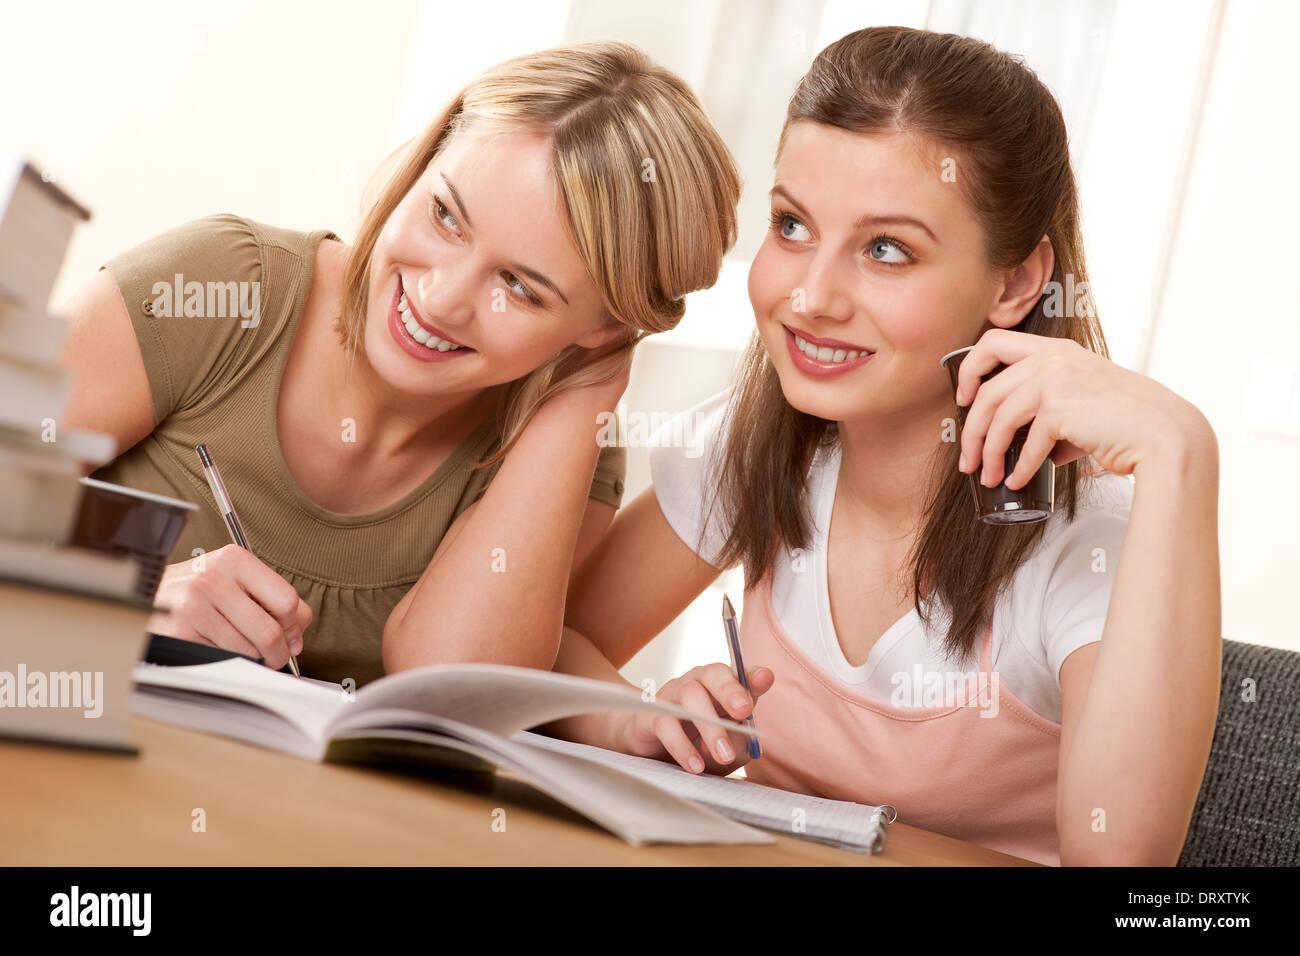 Смотреть студентка за 6 фотография